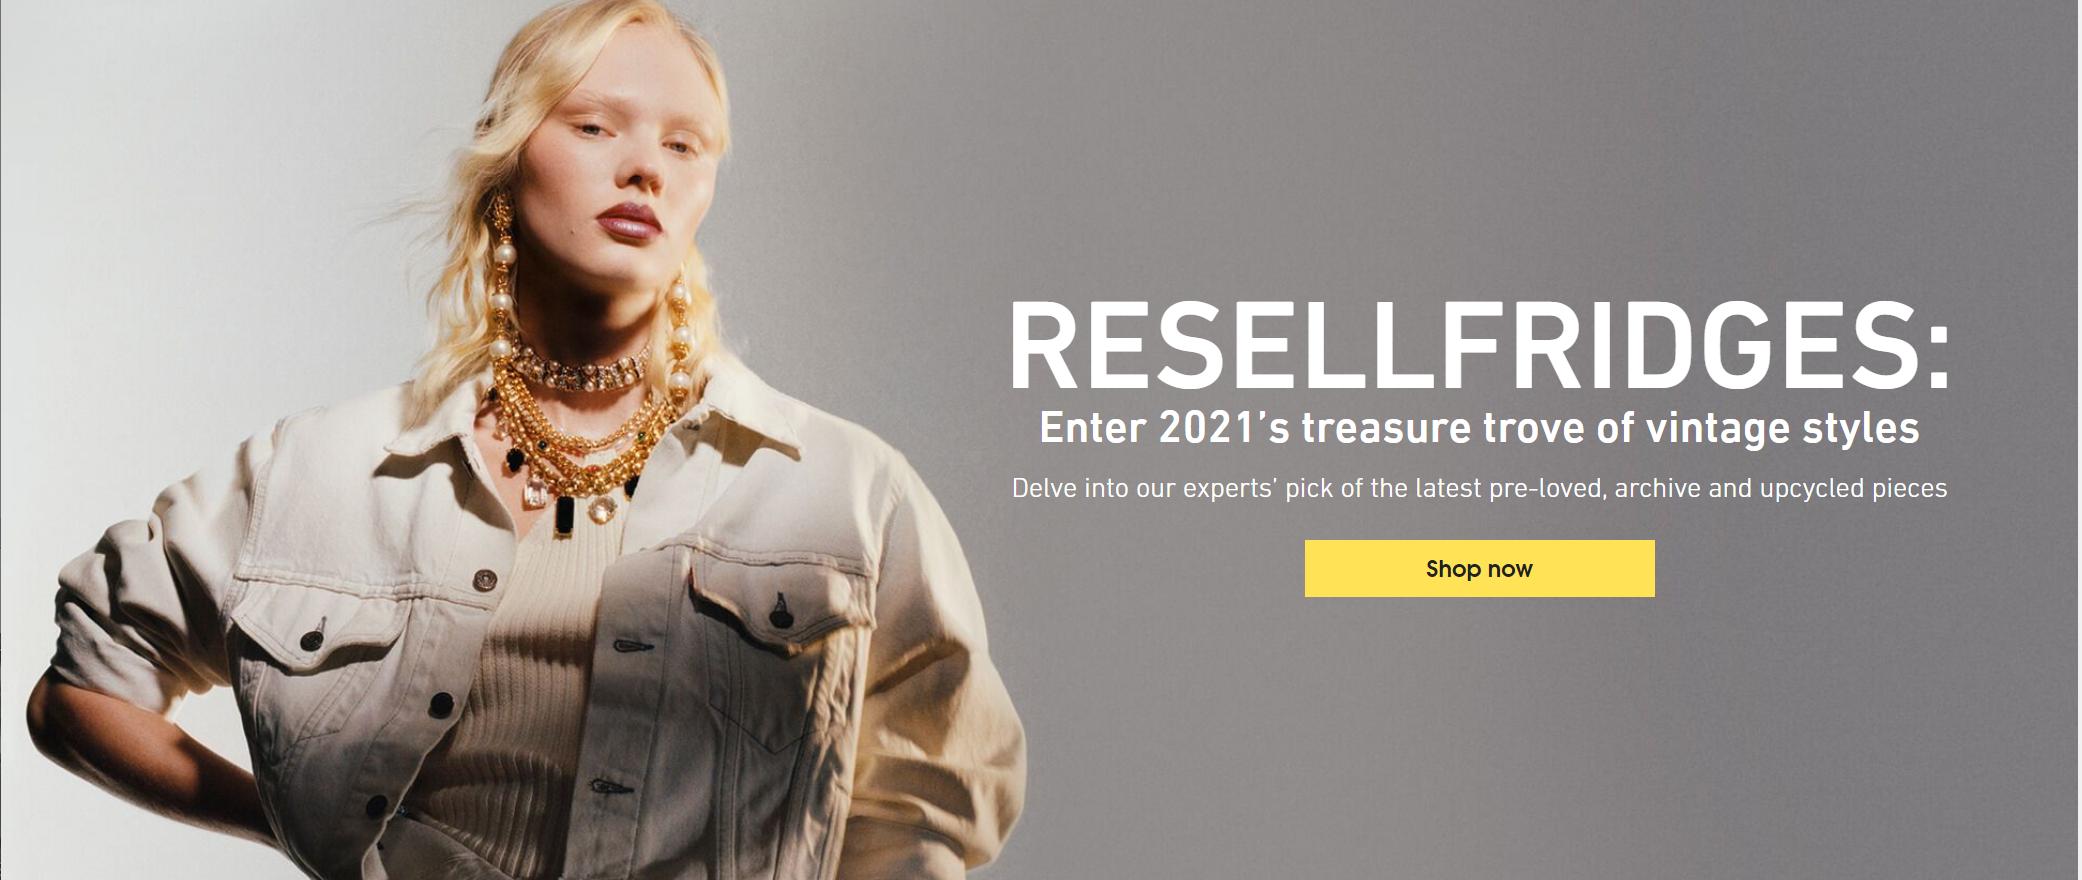 Selfridges 2021 Project Earth Featuring Jennifer Gibson Jewellery